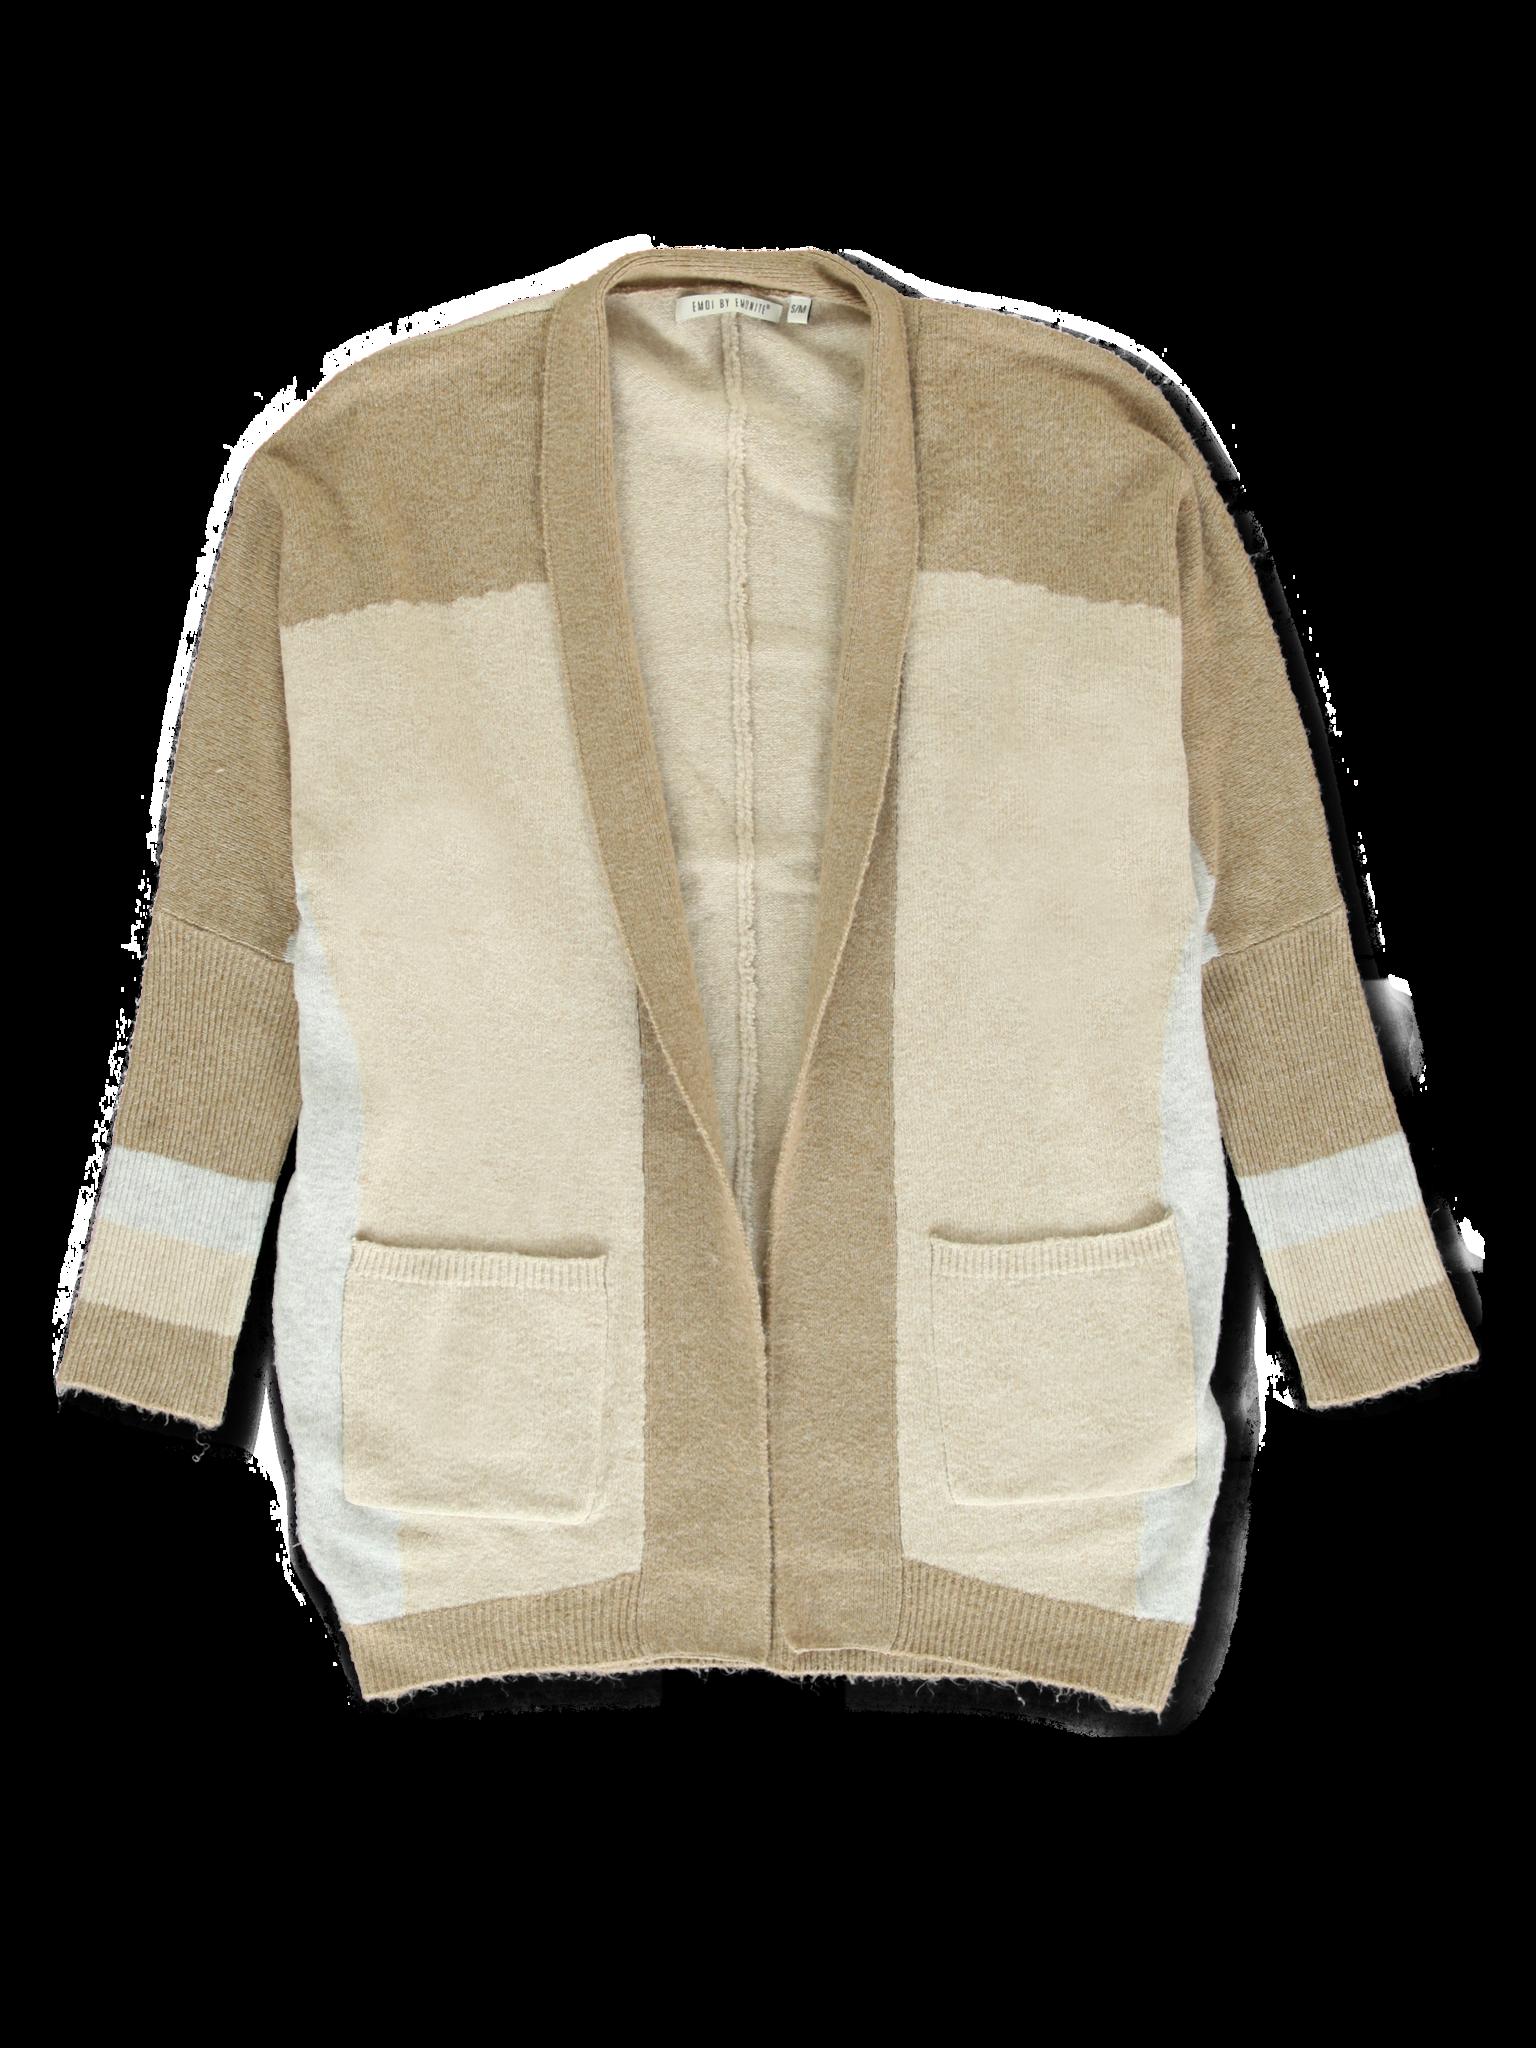 All Brands | Winterproducts Ladies | Cardigan Knitwear | 18 pcs/box